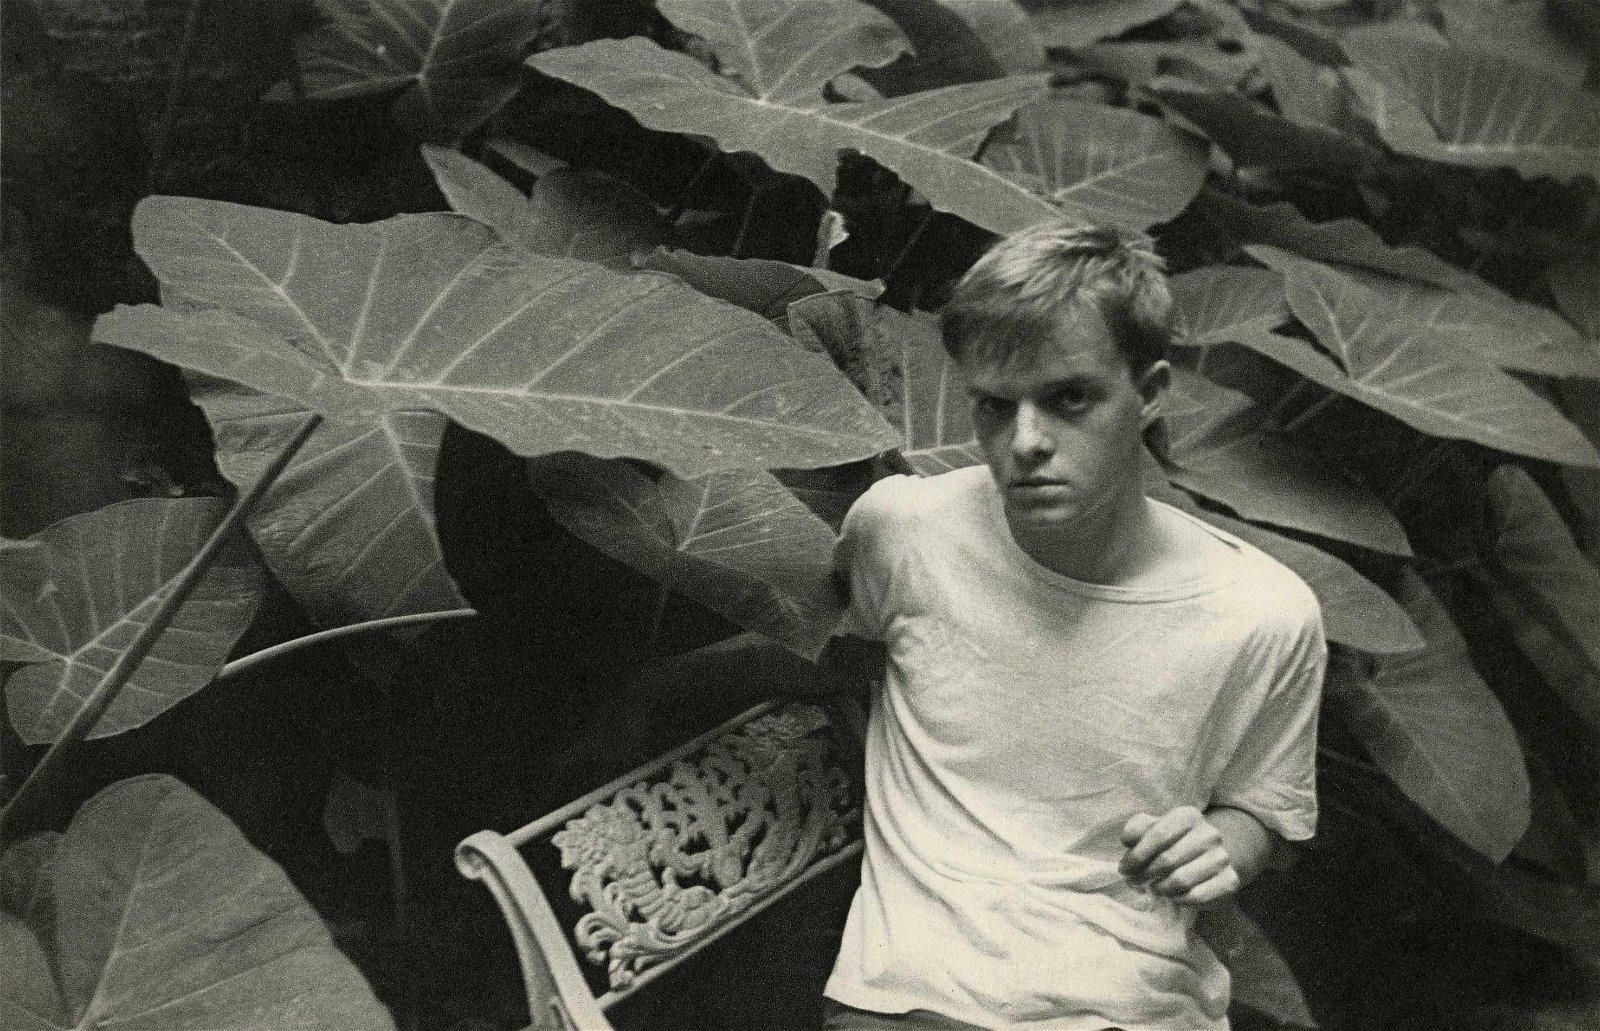 HENRI CARTIER-BRESSON - Truman Capote - Original